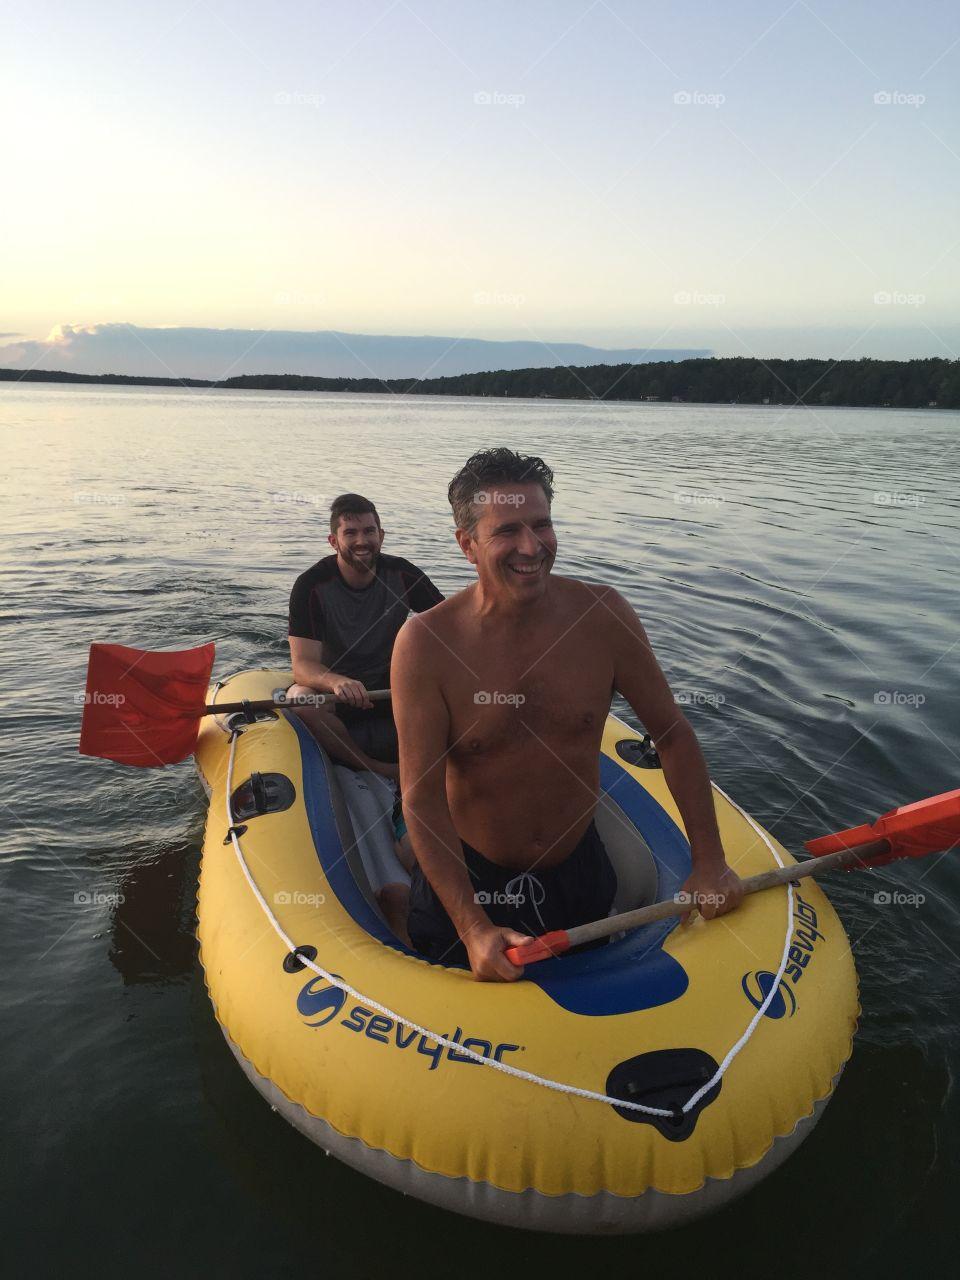 Male friends enjoying kayaking